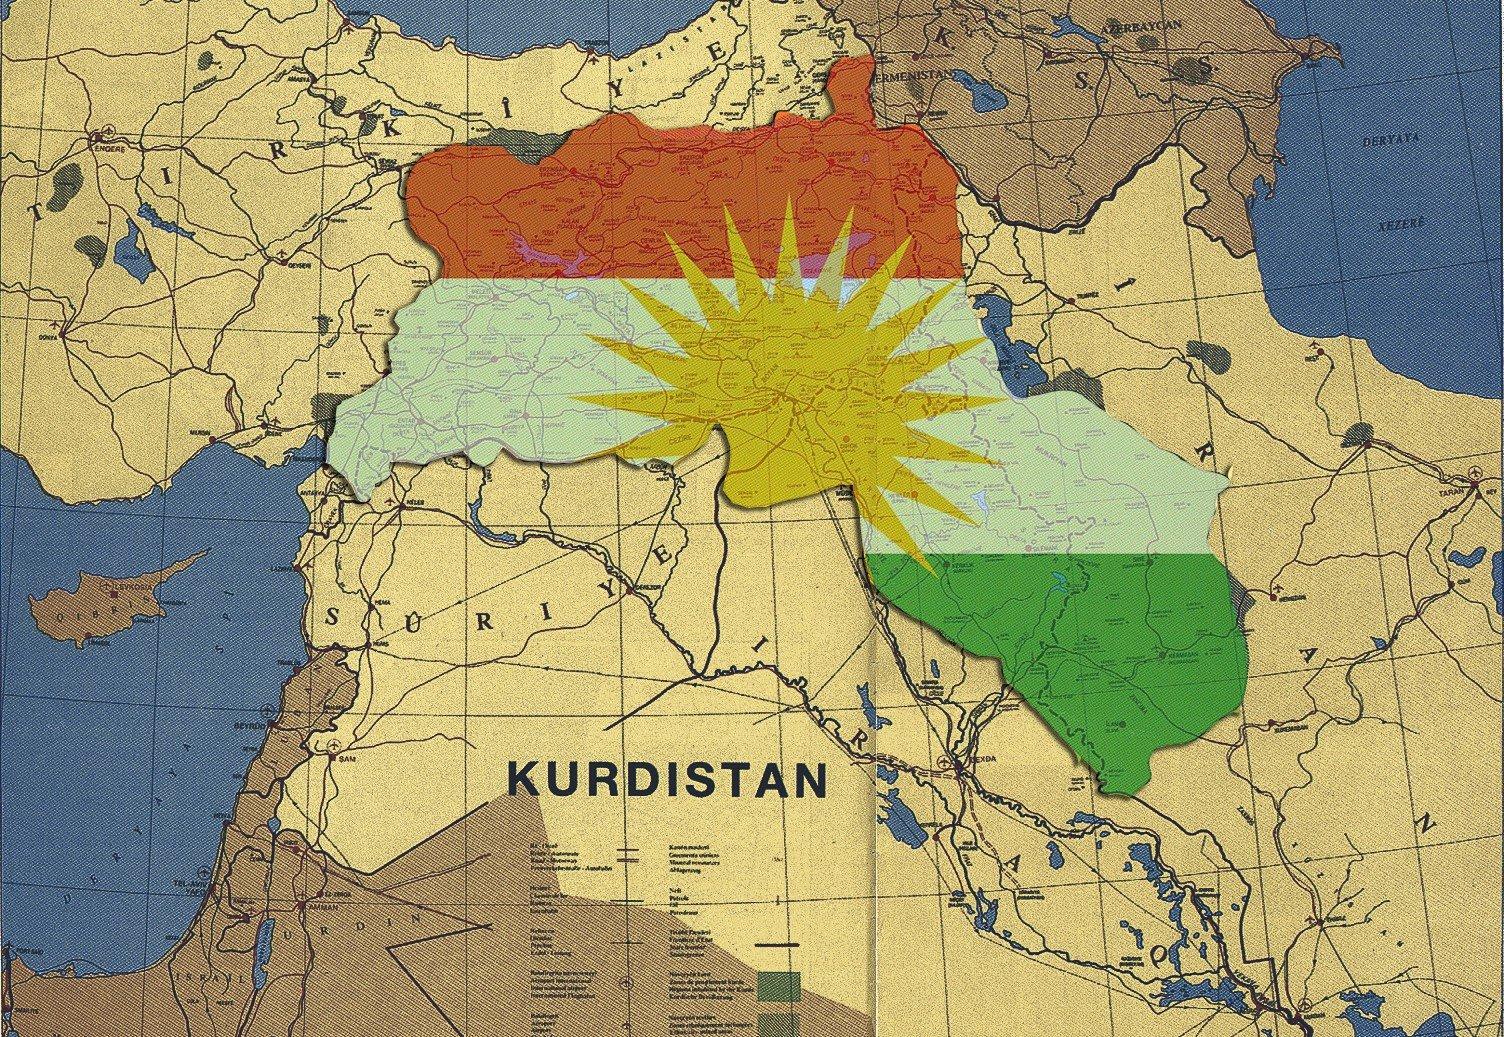 kurdistan karte Hintergrundbilder : 1504x1037 px, Kurdistan, Kurden, Karte